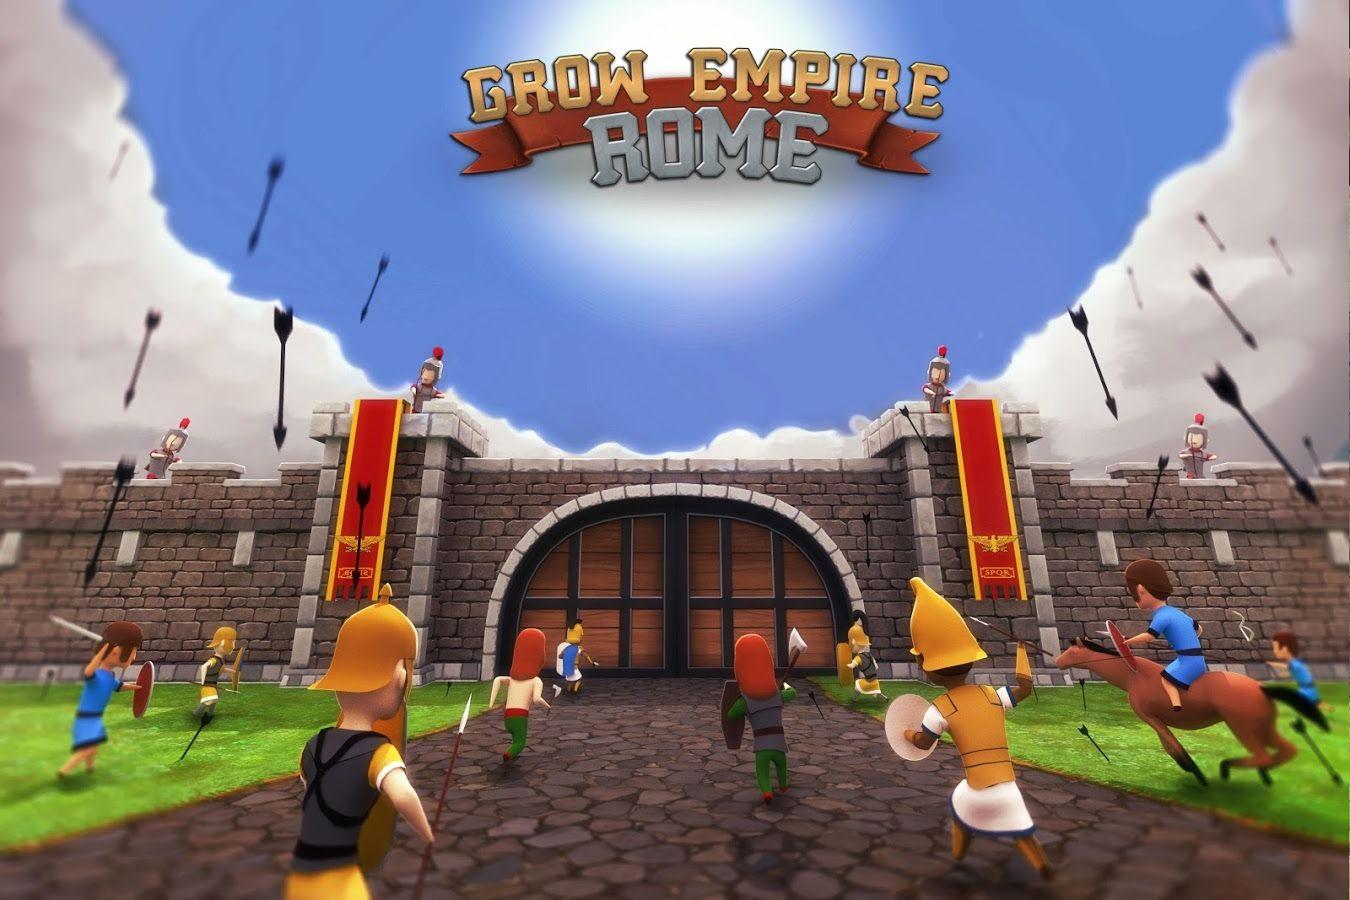 grow empire rome kostenlos am pc spielen so geht es wie installiere ich apps auf dem pc. Black Bedroom Furniture Sets. Home Design Ideas